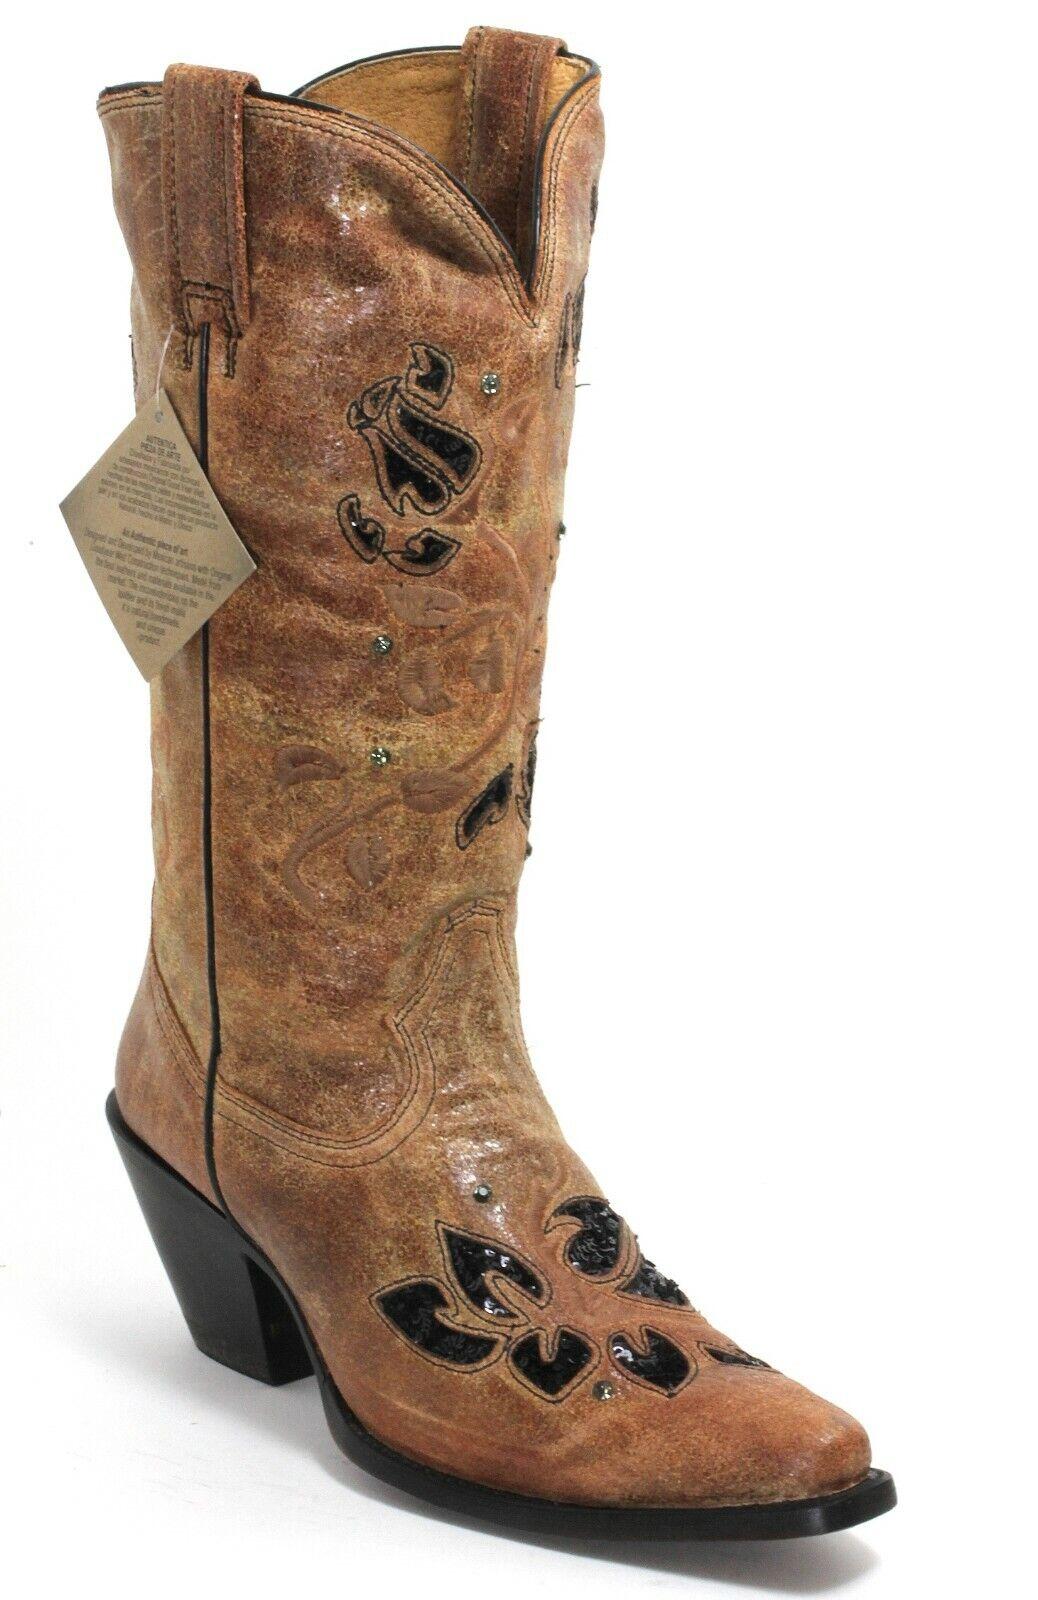 235 Cowboystiefel Westernstiefel Texas Rudel Catalan Style Stiefel Fashion 37